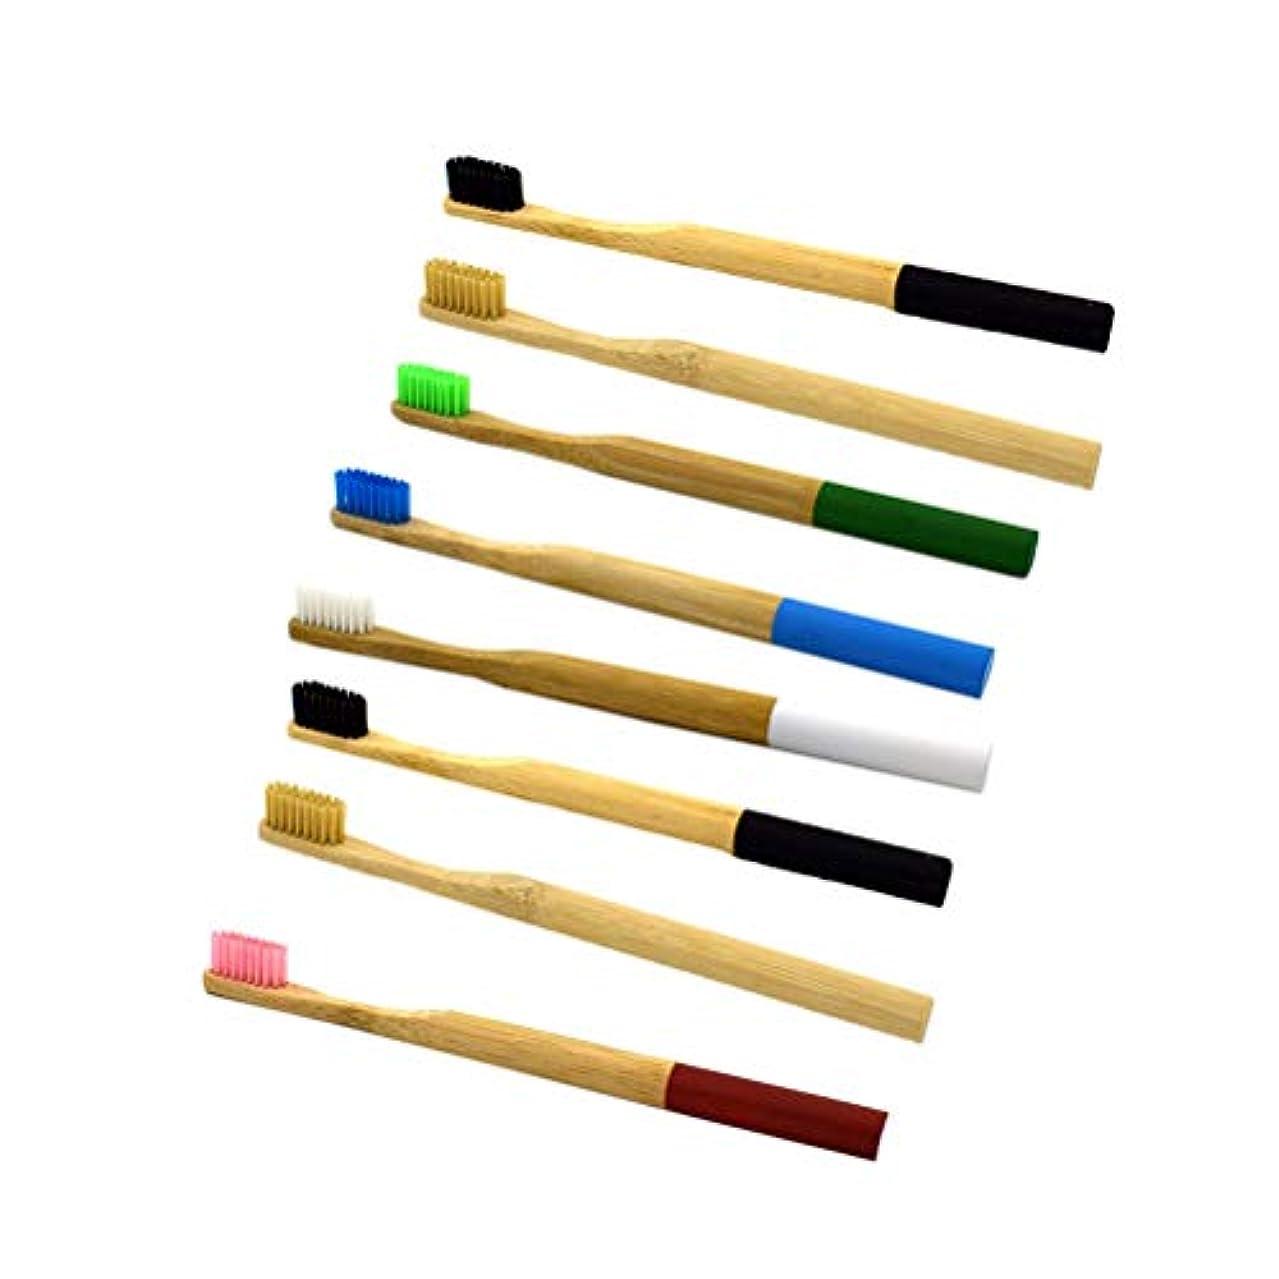 Healifty 柔らかい環境に優しい歯ブラシ8本の天然竹製の歯ブラシ柔らかいエコフレンドリーなラウンドハンドルの歯ブラシと柔らかいナイロン剛毛(混合色)